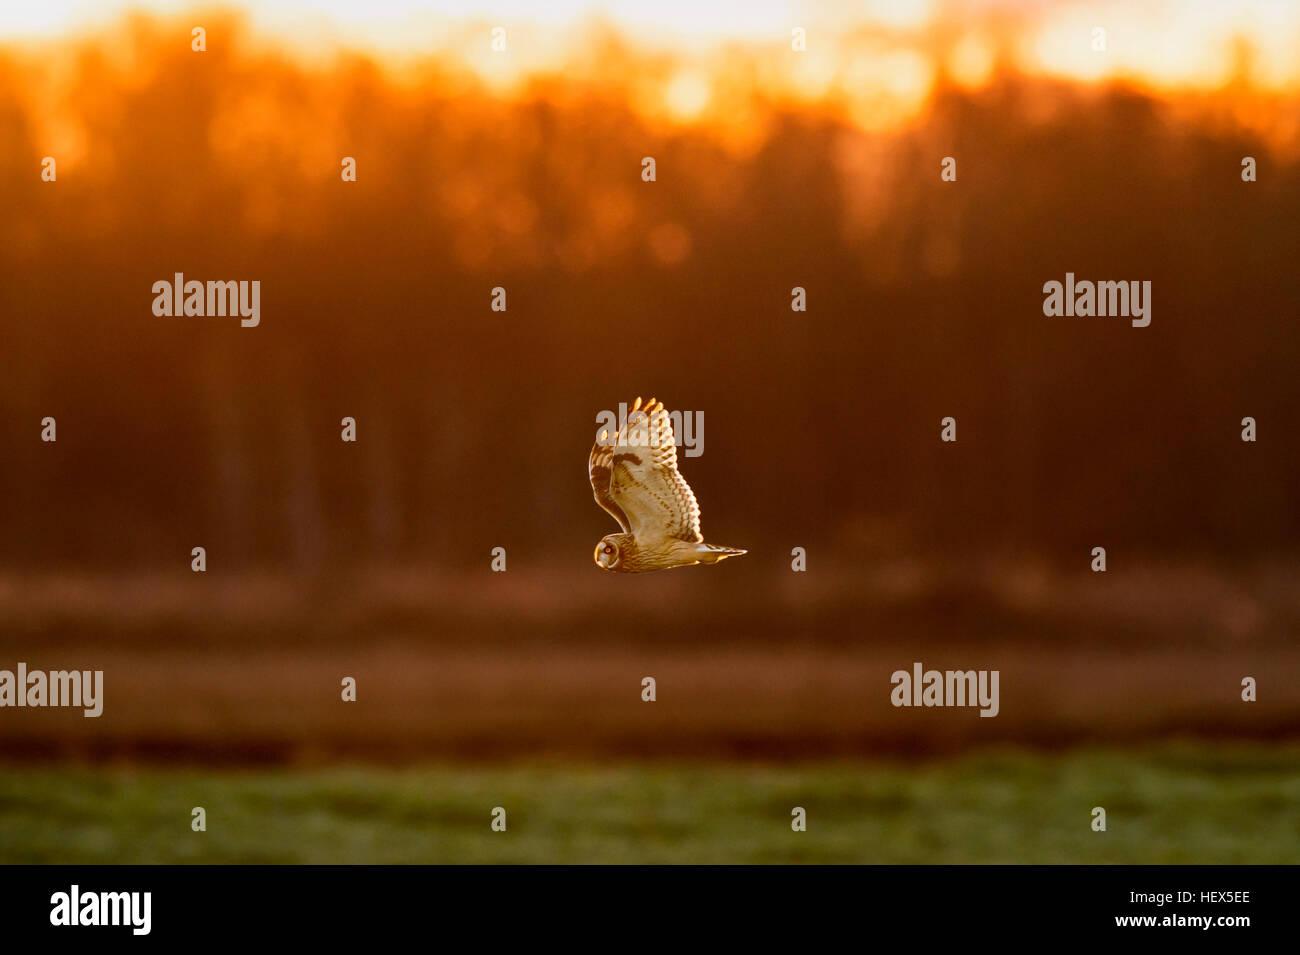 Un corto orejudo lechuza volando alrededor buscando alimentos justo antes de la puesta del sol. Imagen De Stock